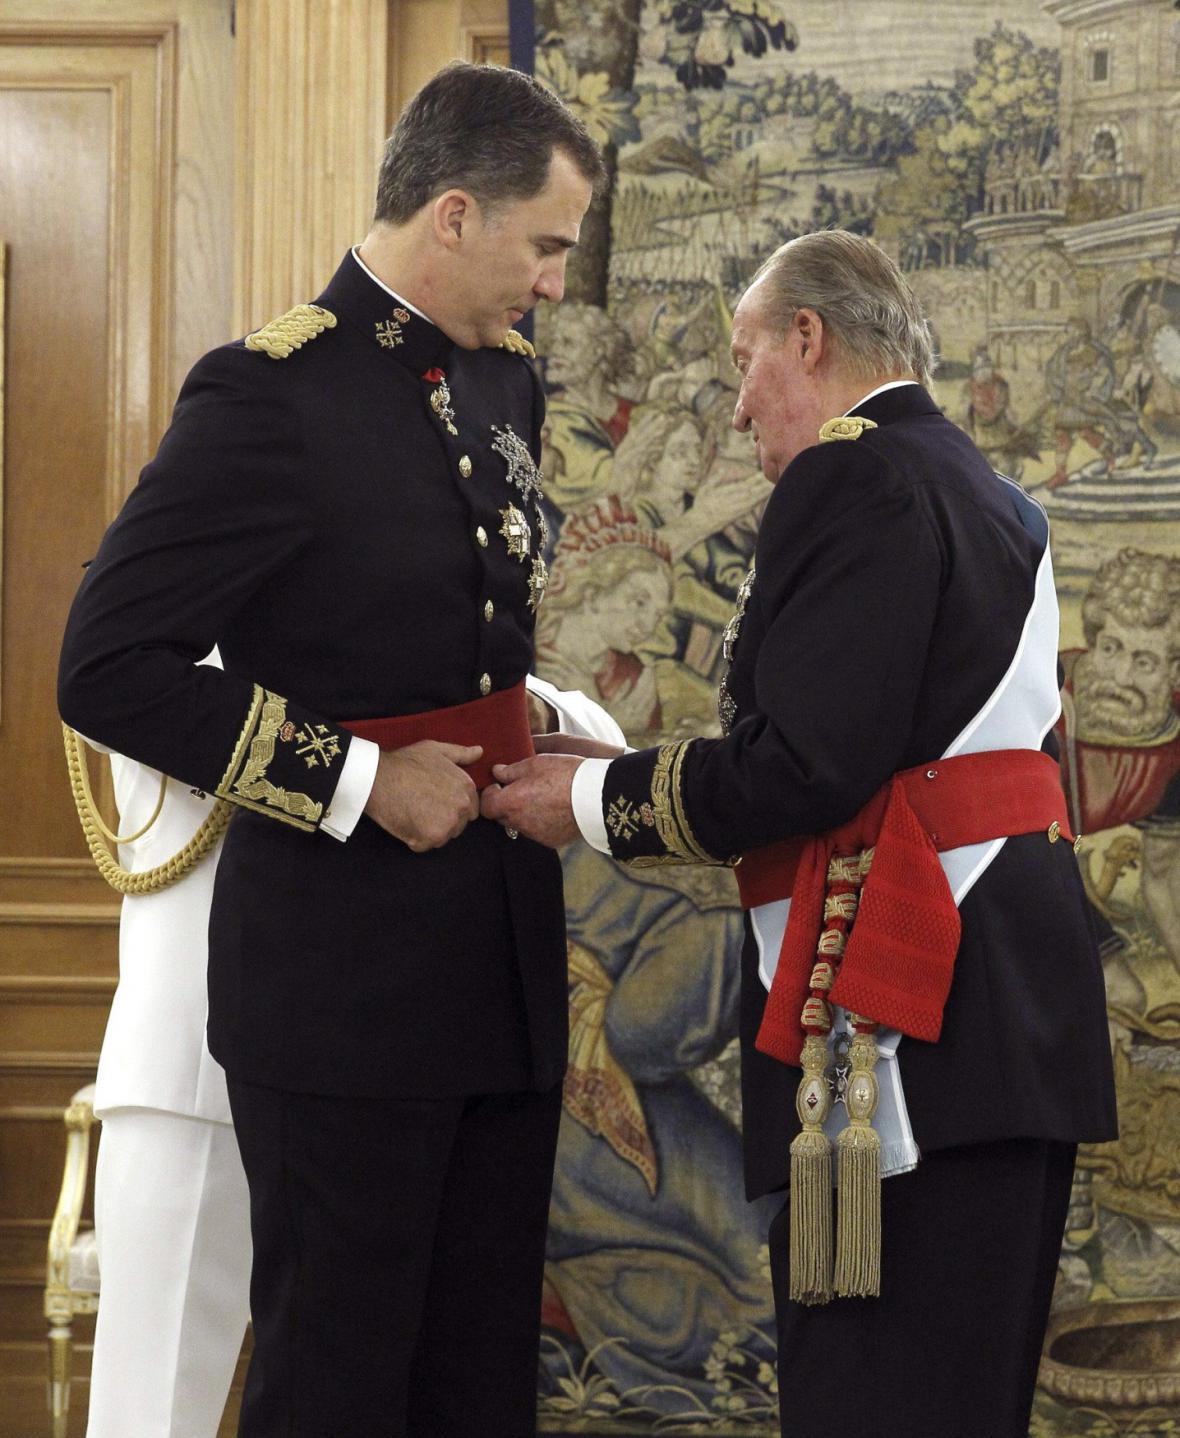 Juan Carlos předal Filipovi červenou šerpu signalizující funkci velitele ozbrojených sil